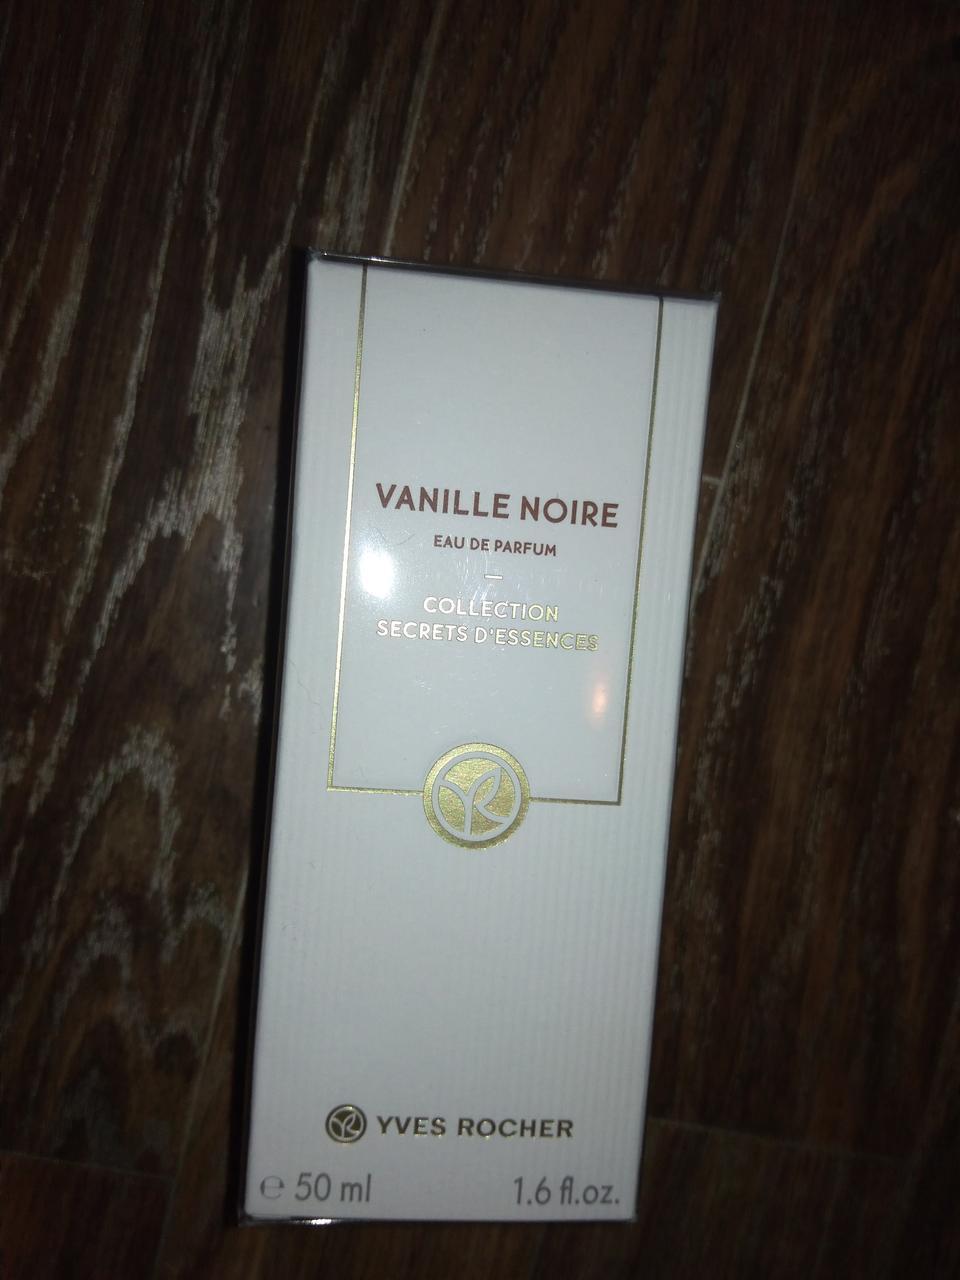 Парфюмированная Вода Vanille Noire черная ваниль духи ив роше 50мл  оригинал франция запаяна